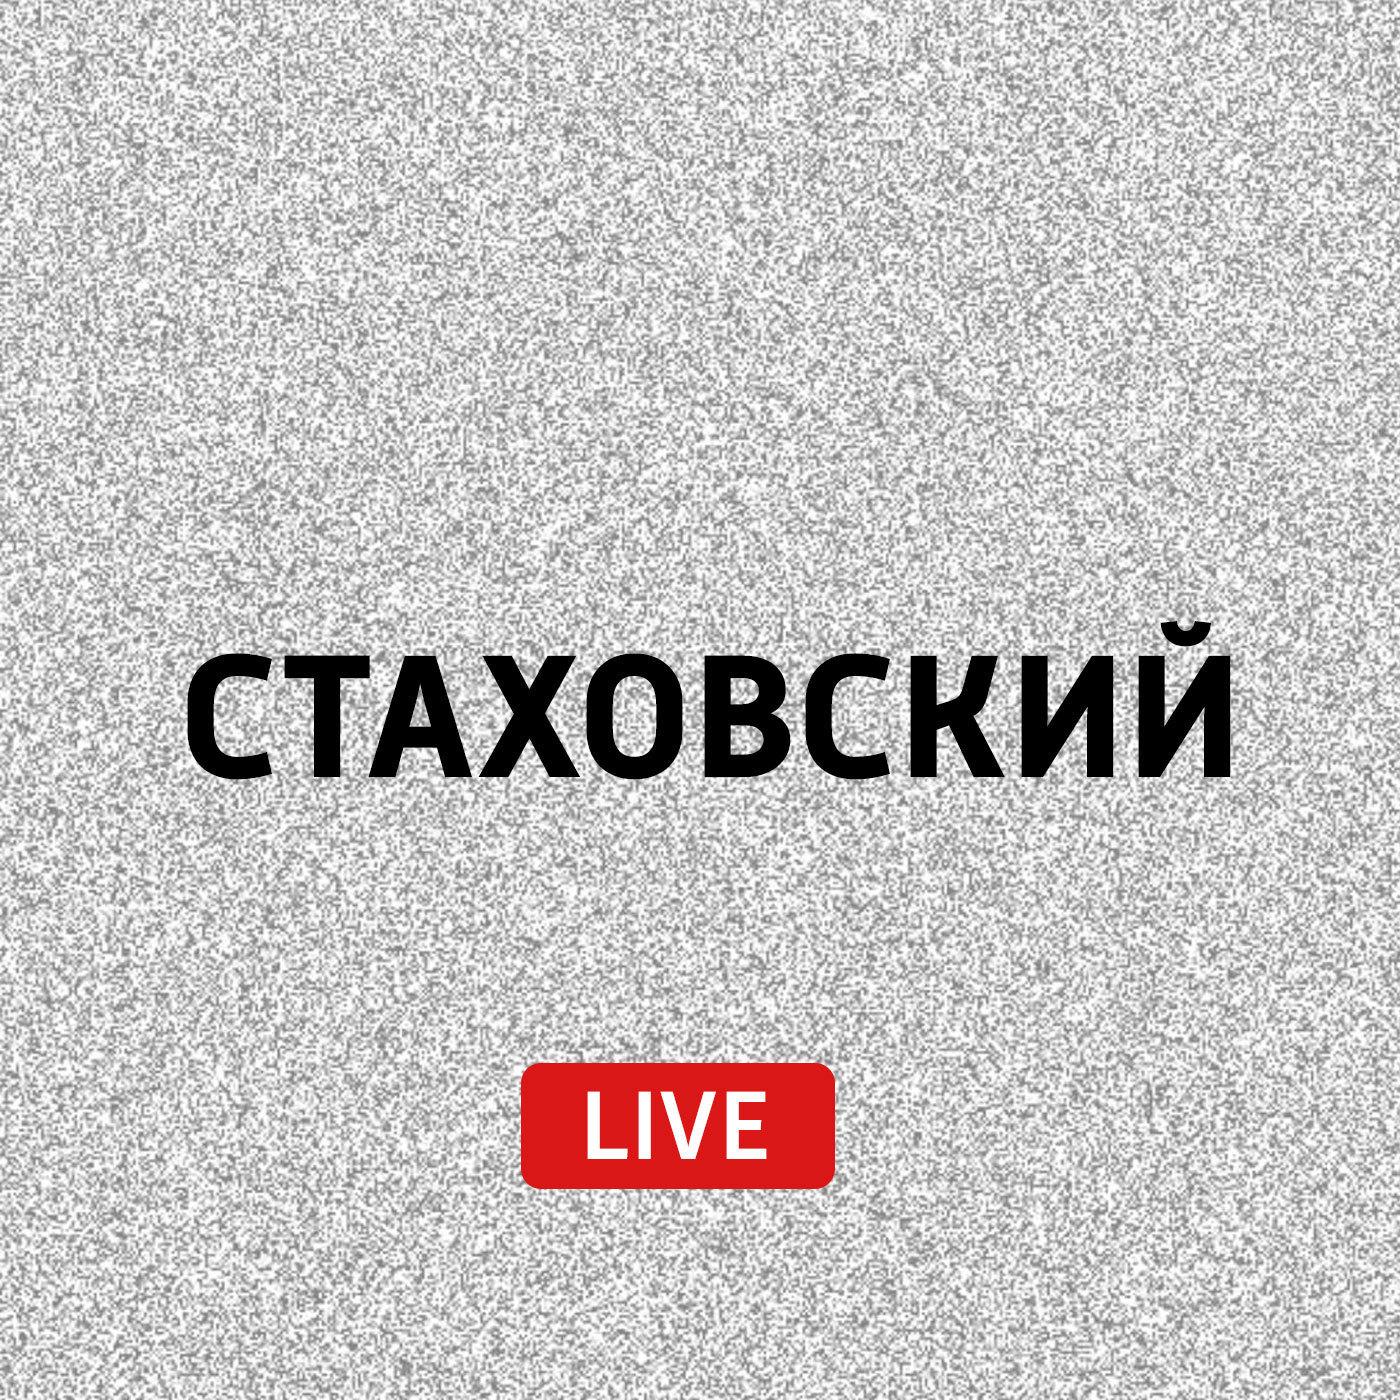 Евгений Стаховский Об опере «Евгений Онегин и Огюсте Монферране